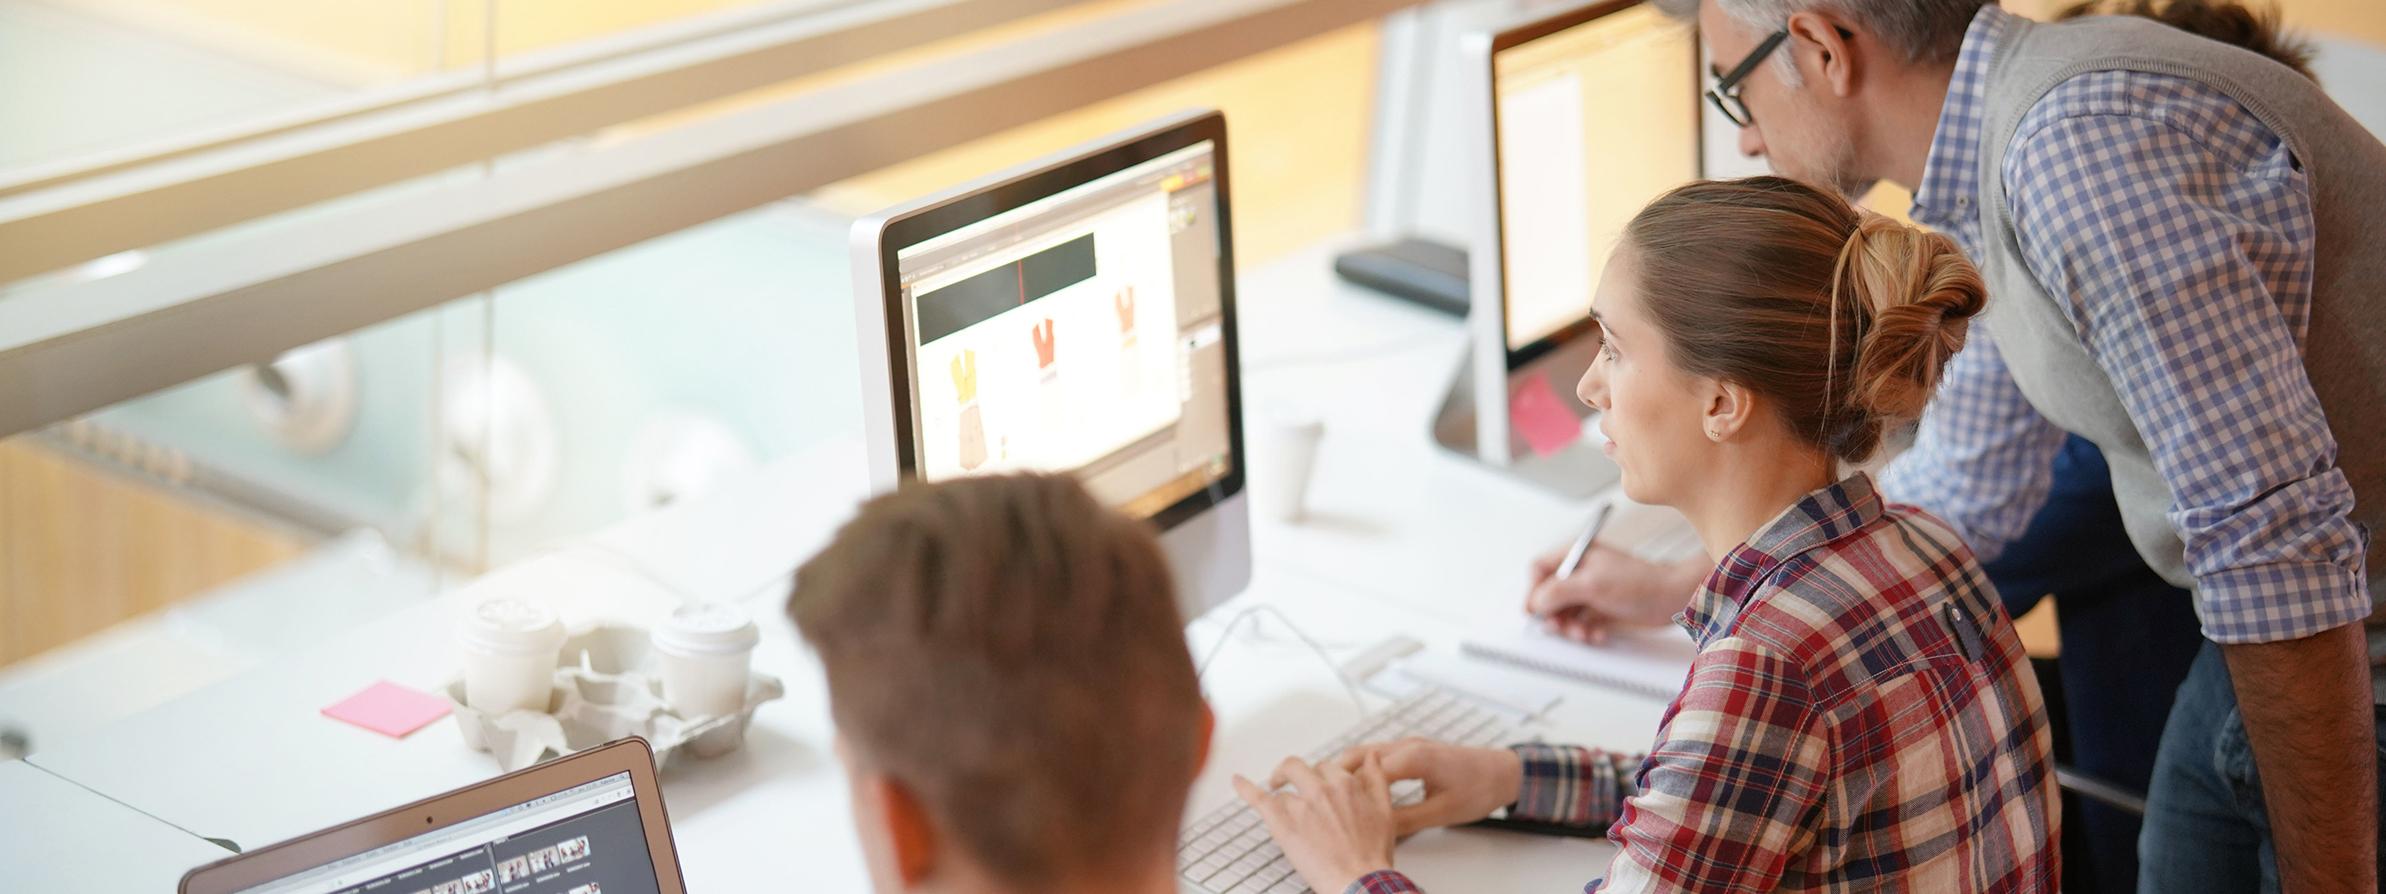 Formation perfectionnement professionnel - formation continue Marketing Management Communication - Com'Art paris